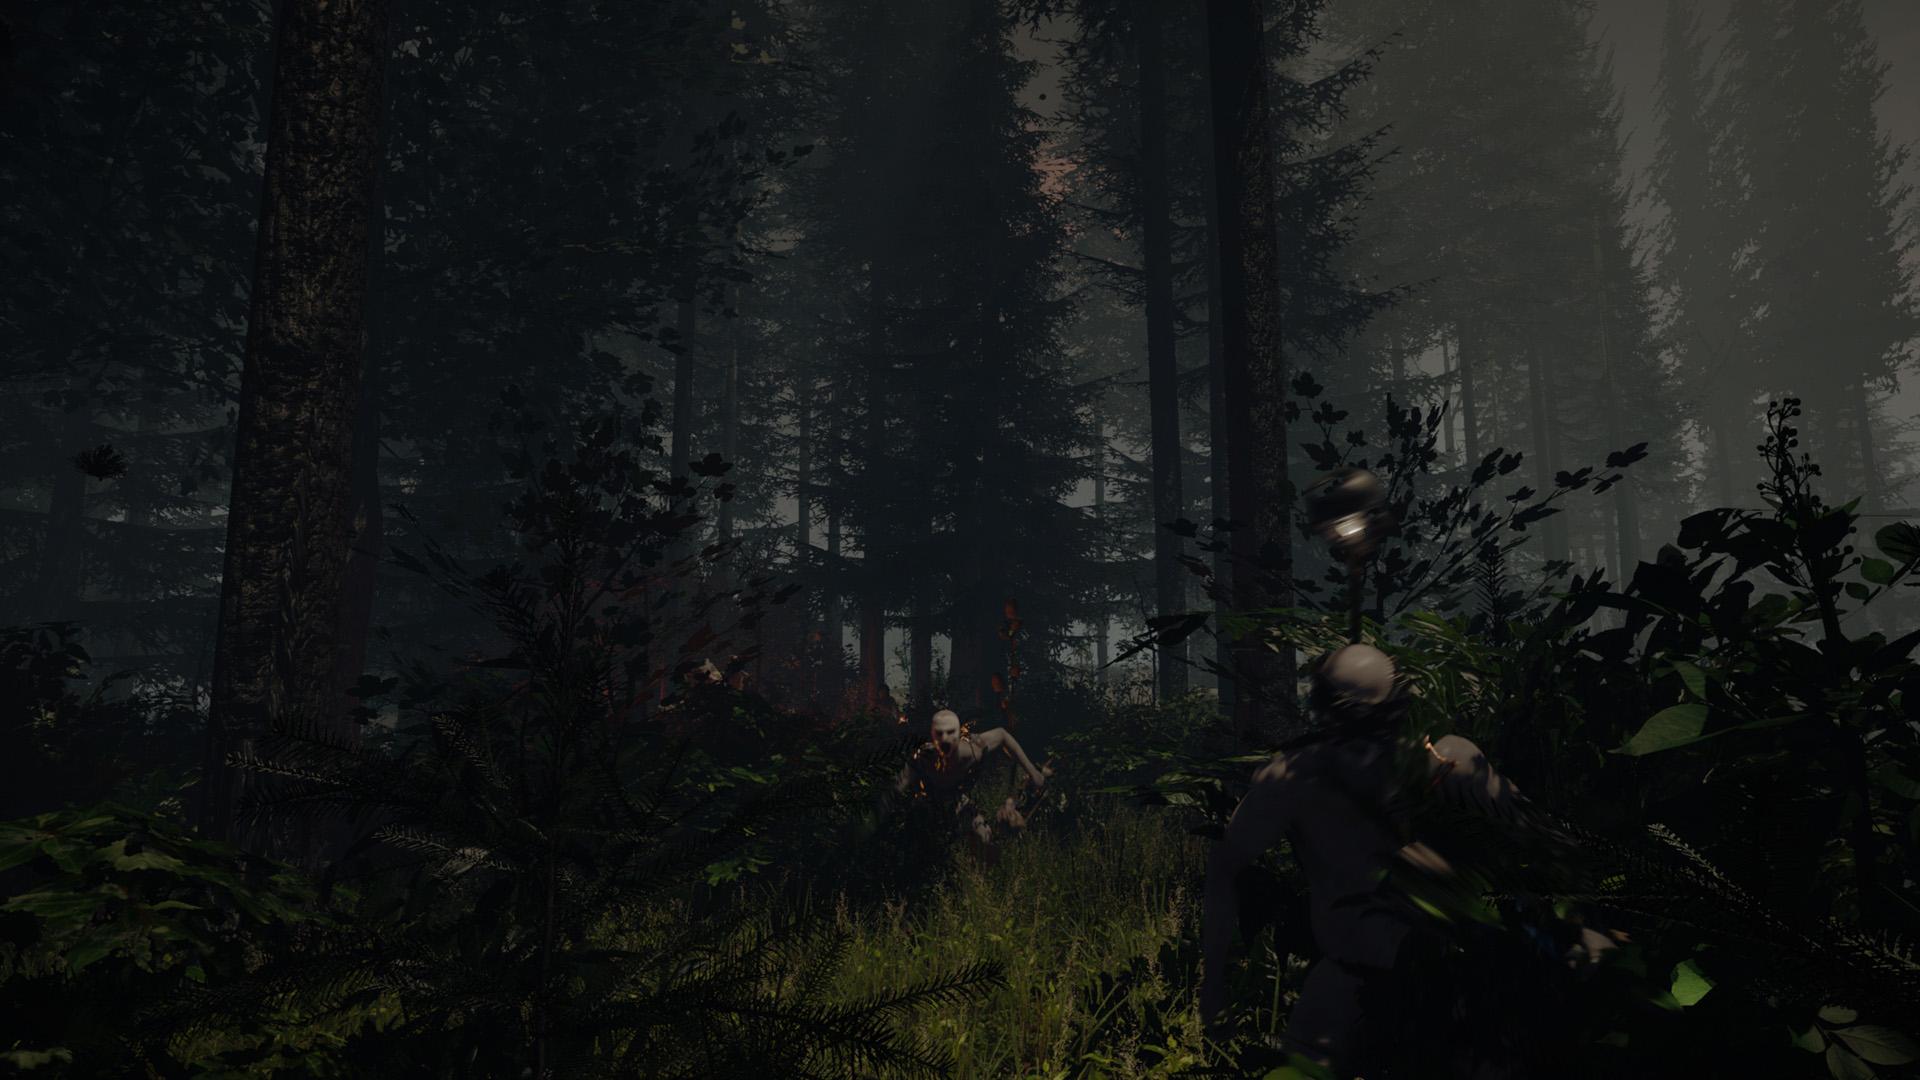 Скачать торрент the forest 2014 > » готово для скачивания.